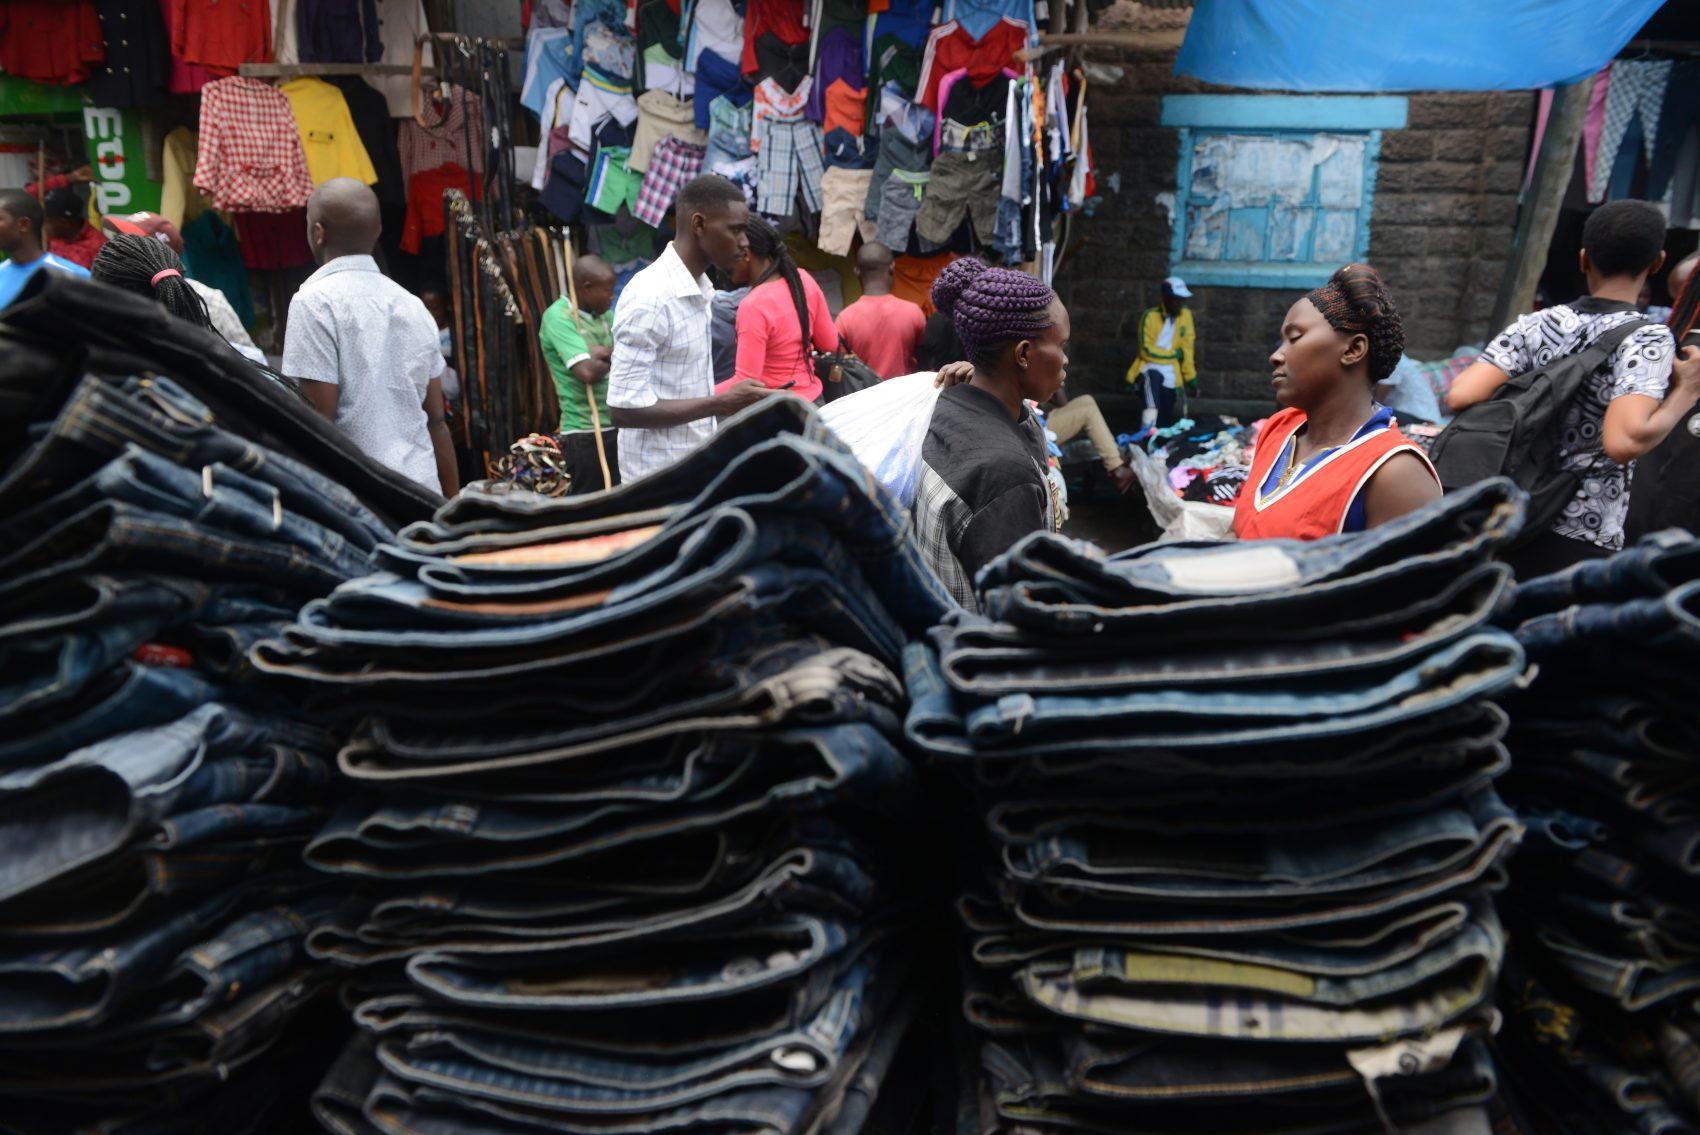 Consumidores compram roupas de segunda mão no mercado de Gikomba, em Nairóbi. (Foto: SIMON MAINA / AFP)